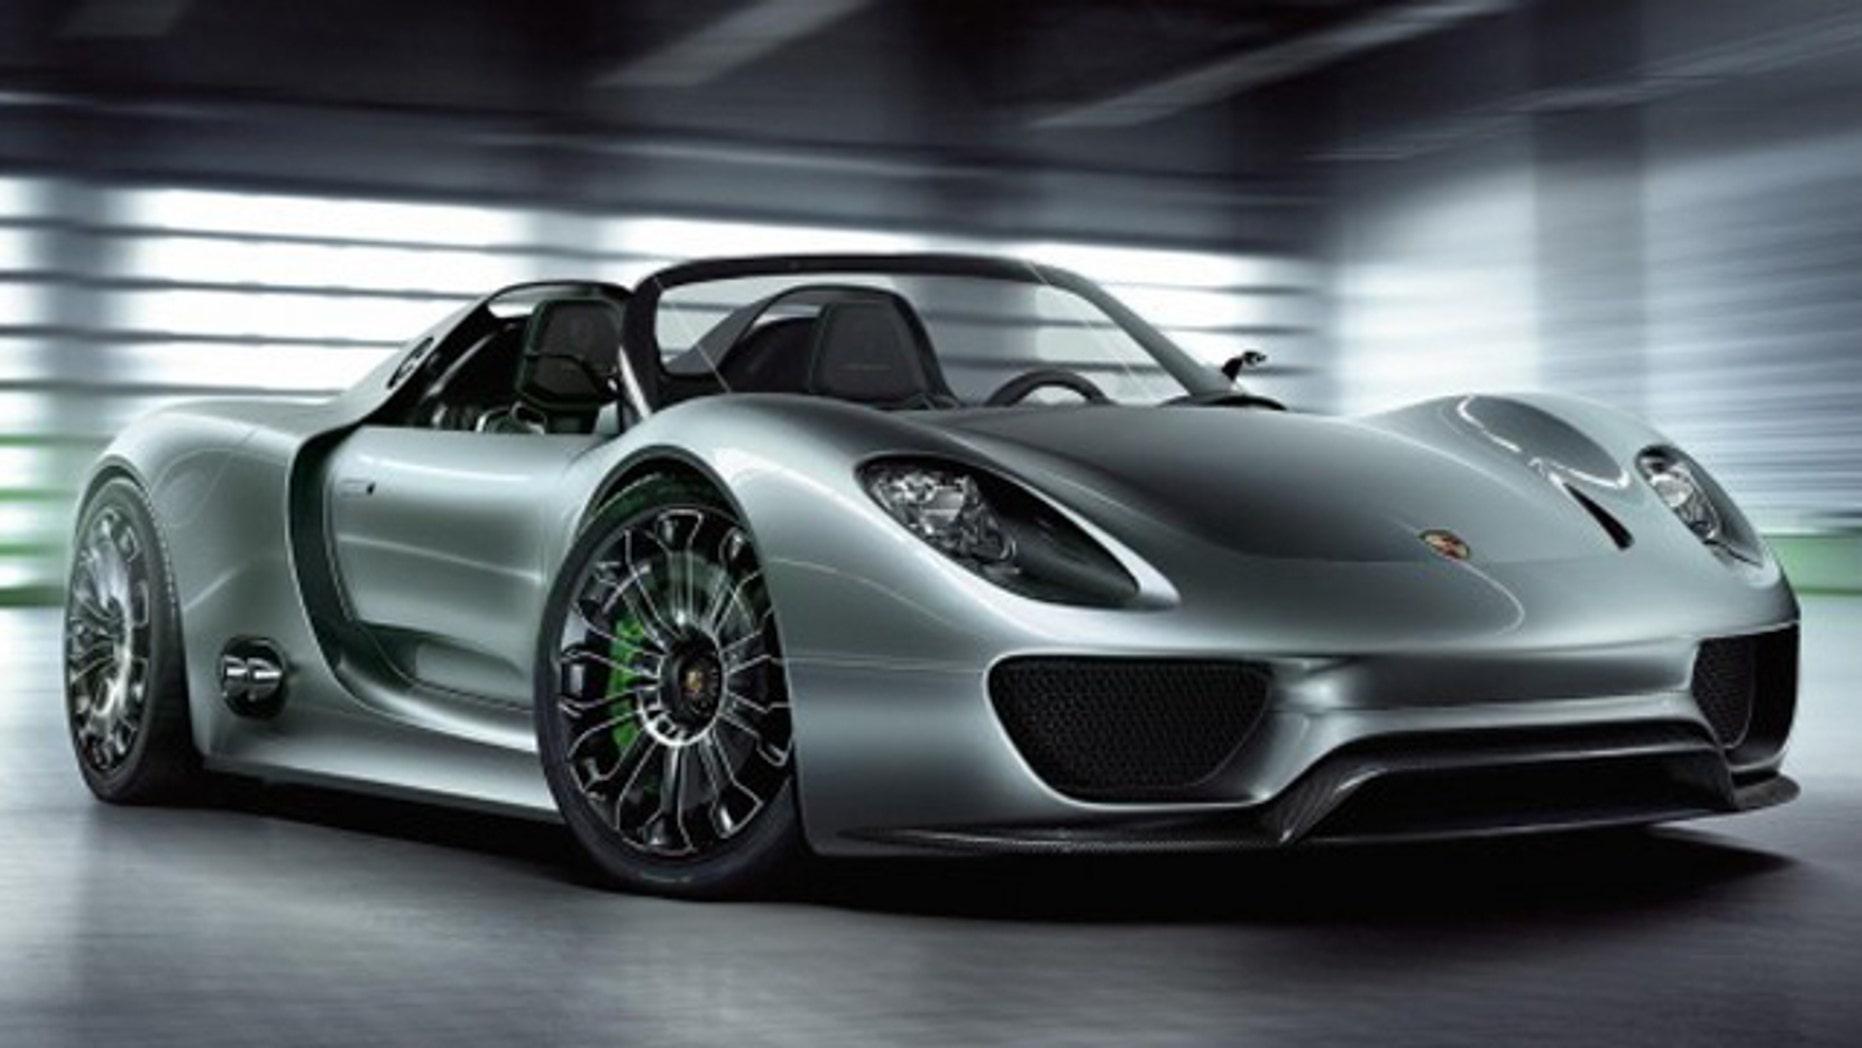 78 Mpg Hybrid Porsche Supercar Gets Green Light